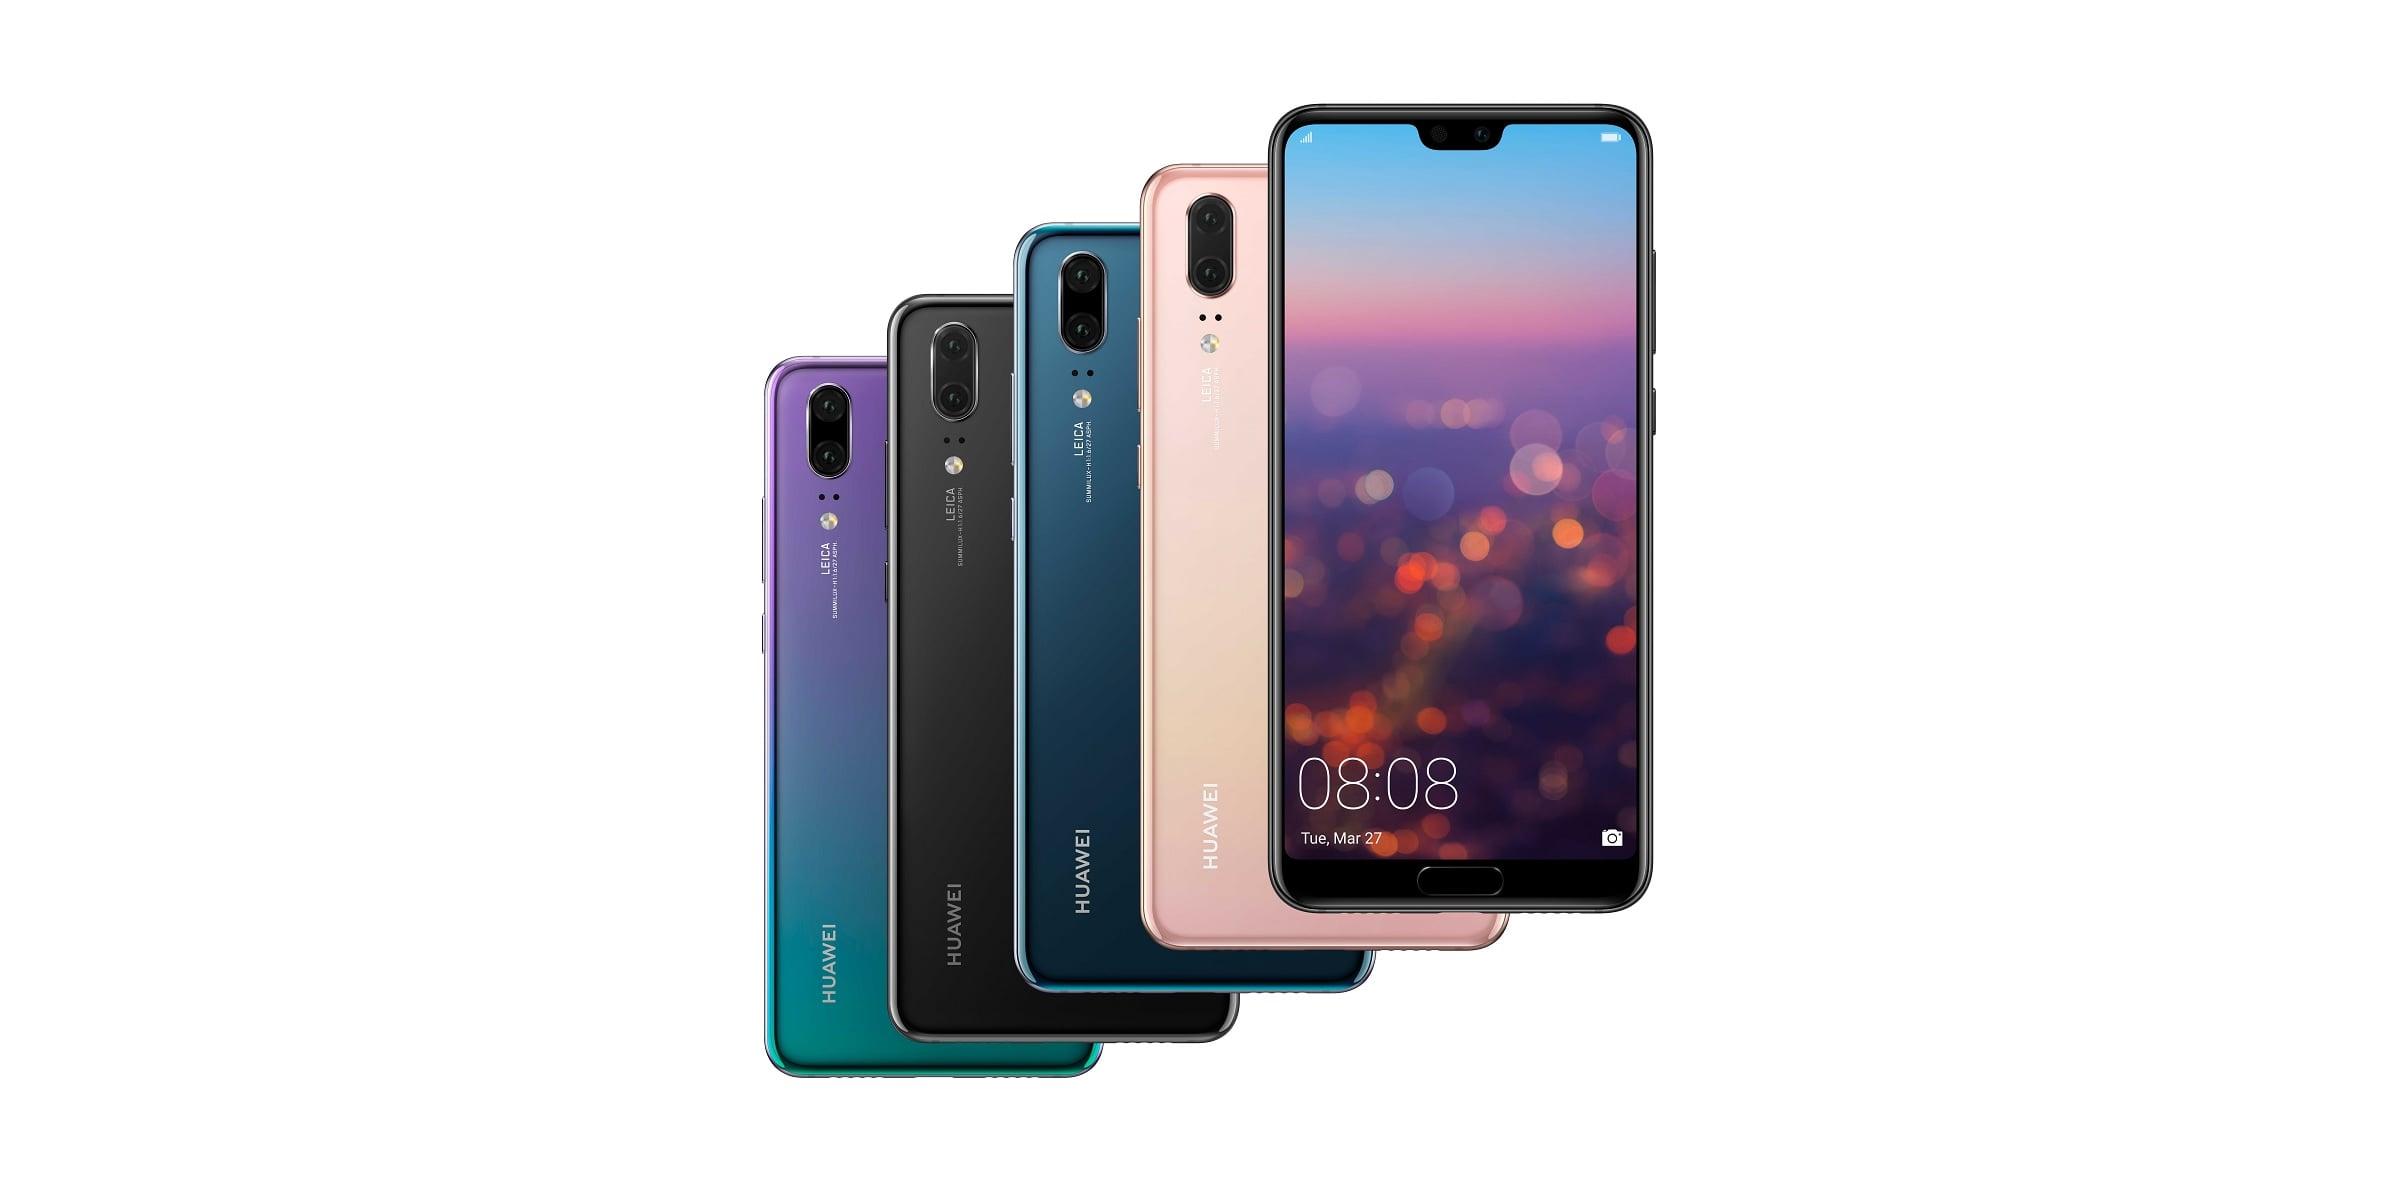 Huawei P20 i Huawei P20 Pro vs Huawei P10, Huawei P10 Plus i Huawei Mate 10 Pro - porównanie parametrów